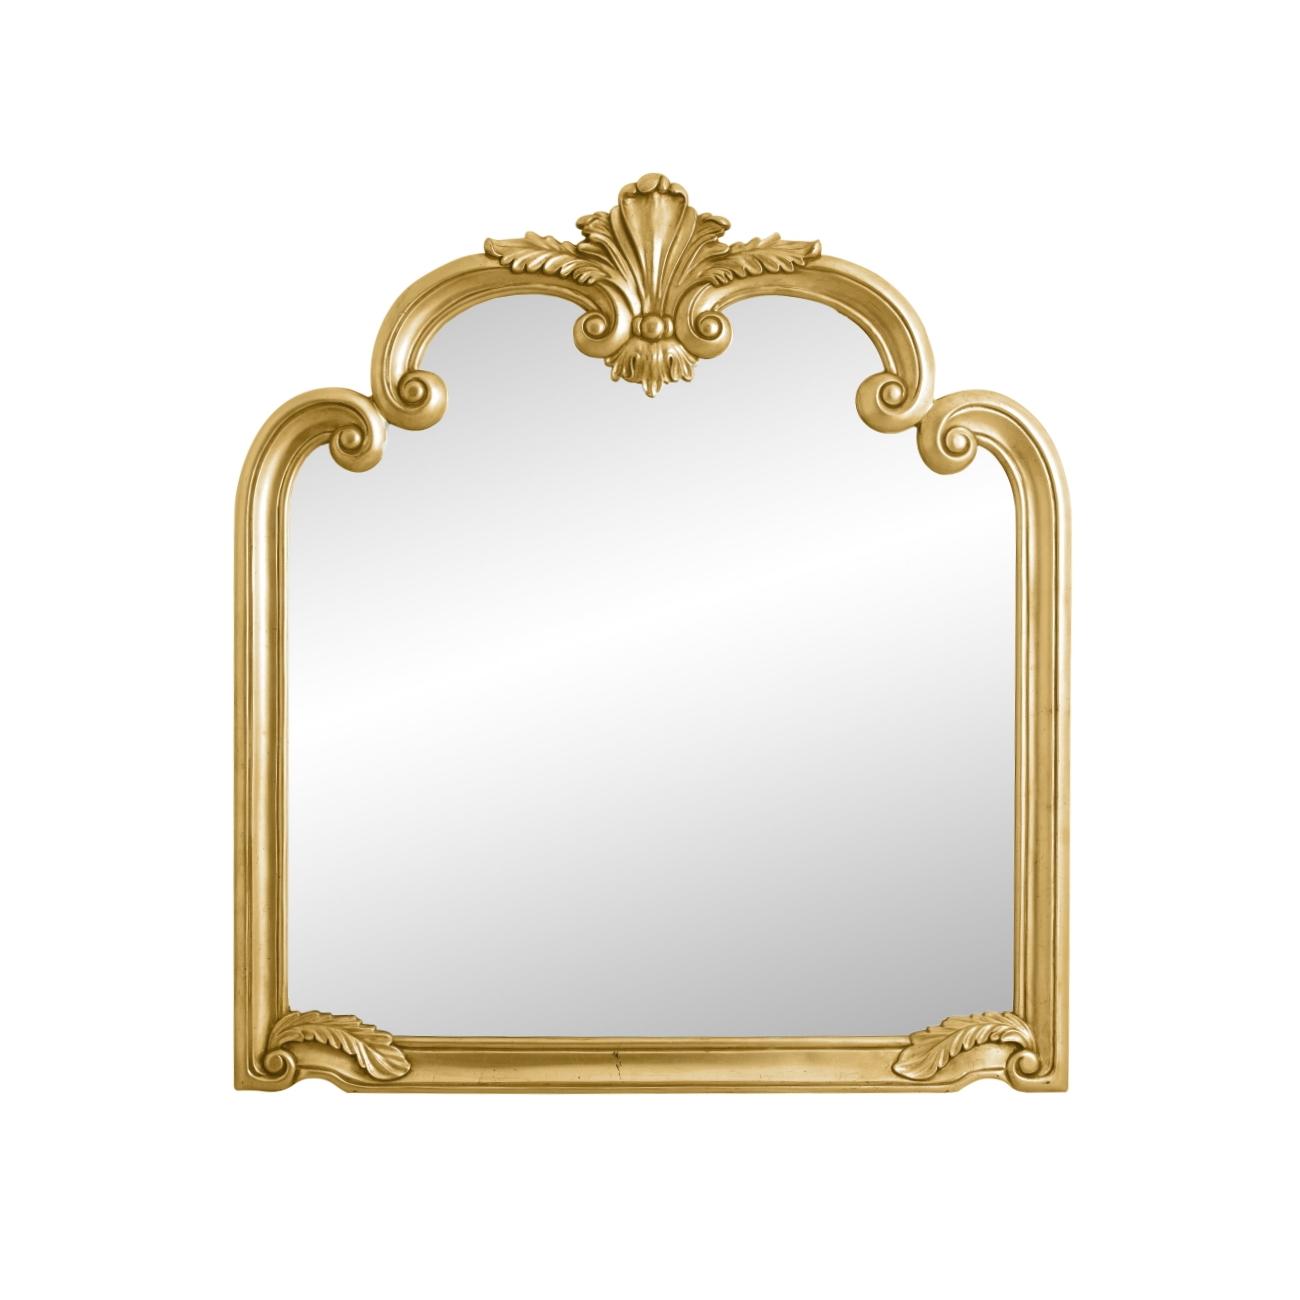 Guldspegel Rokoko 115 cm Nordal